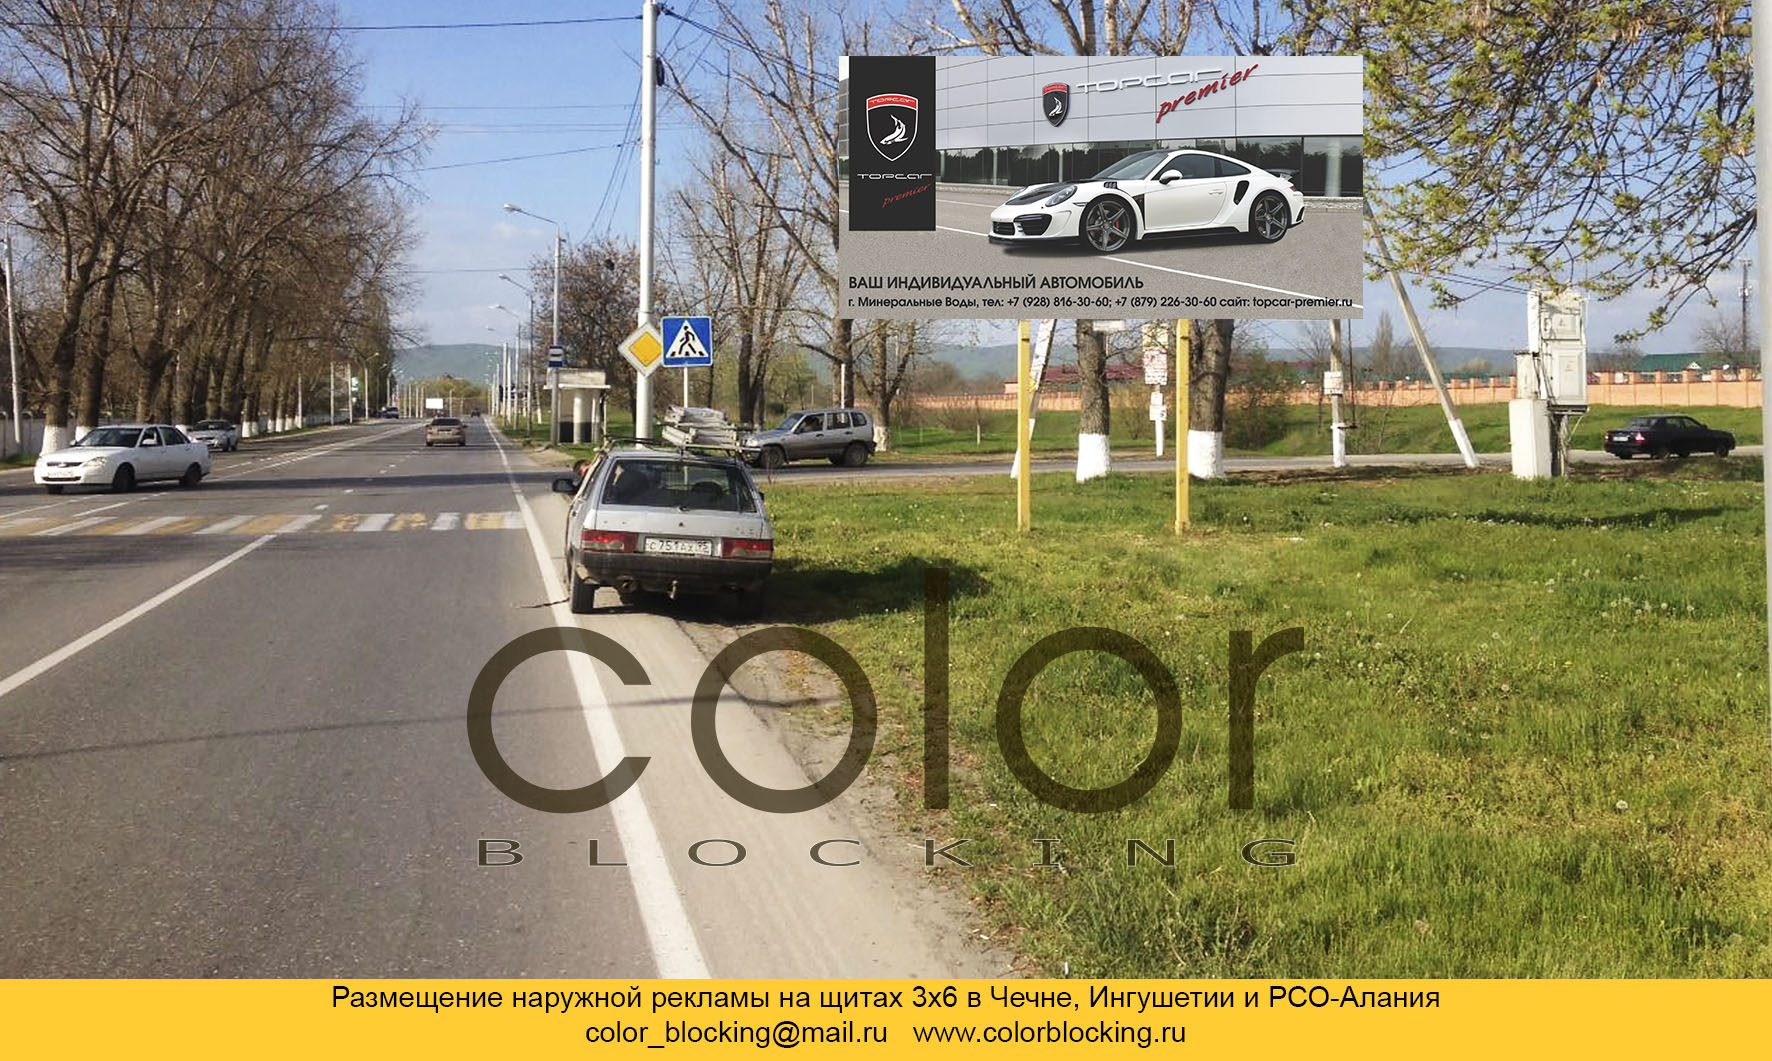 Наружная реклама в Чечне размещение на щитах